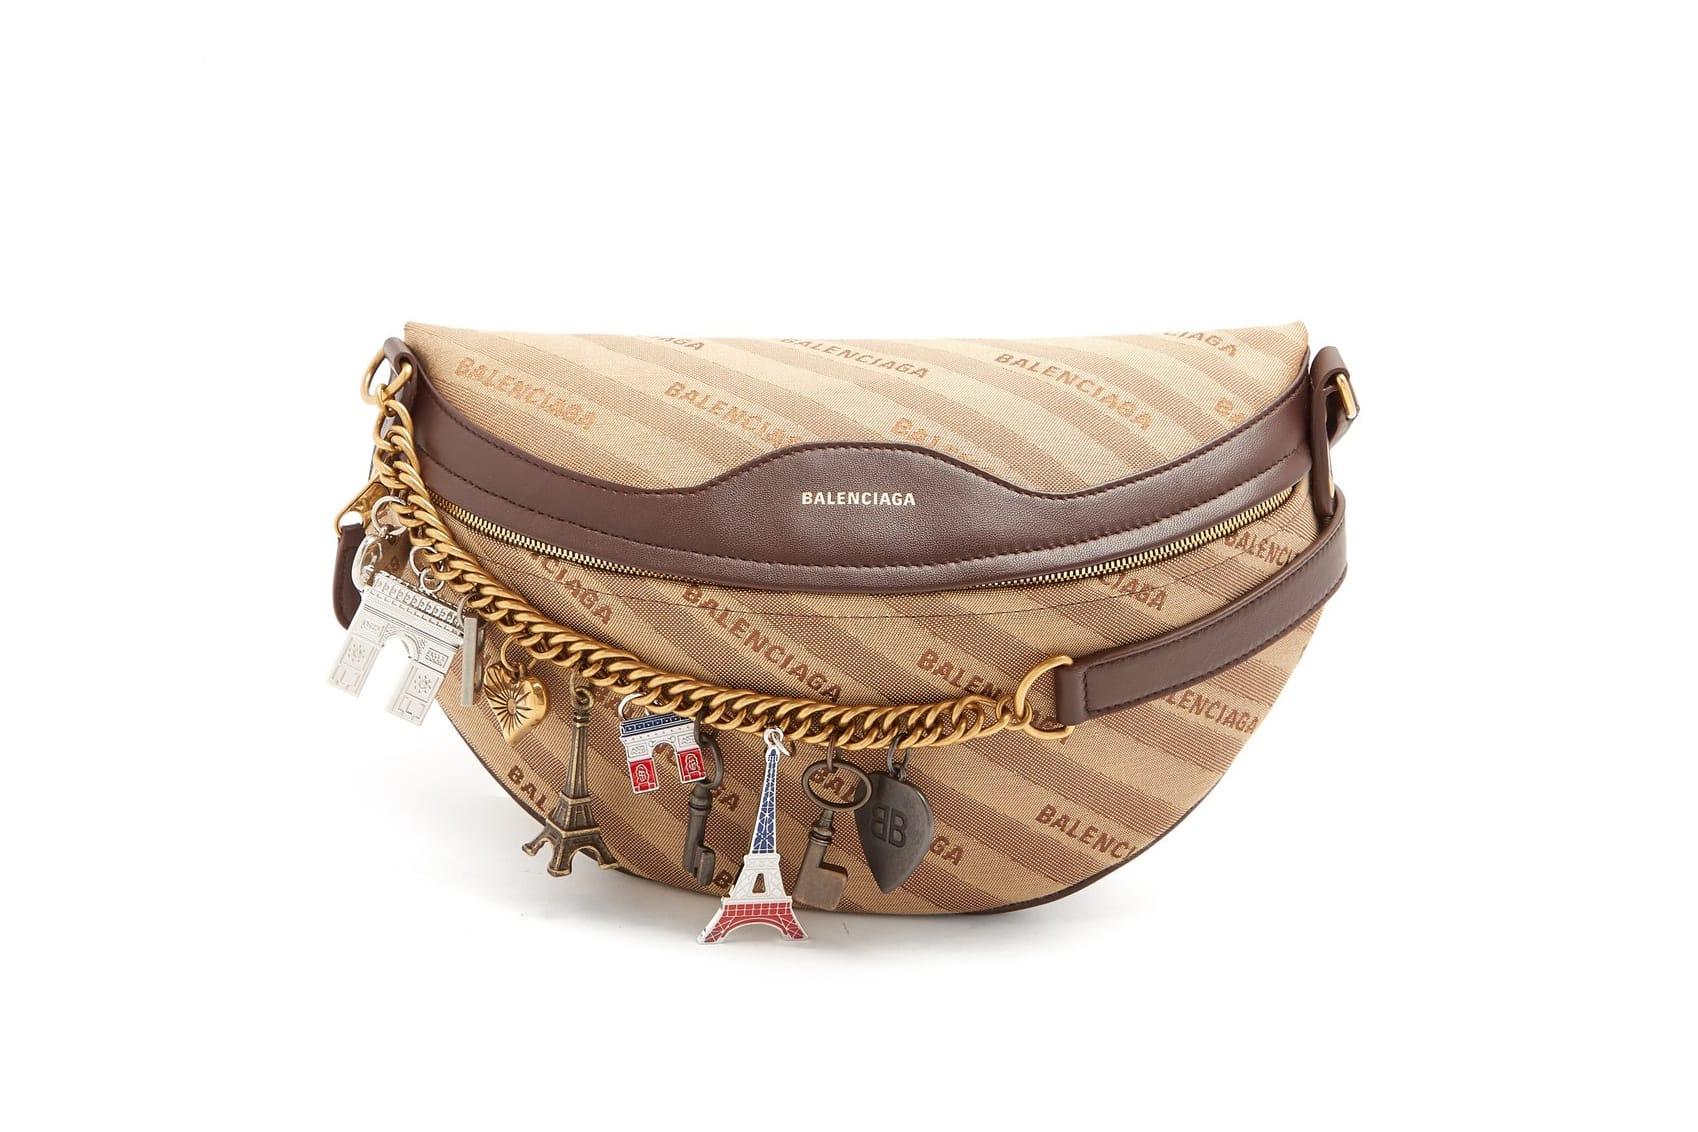 Balenciaga Paris Charm Souvenir Handbag